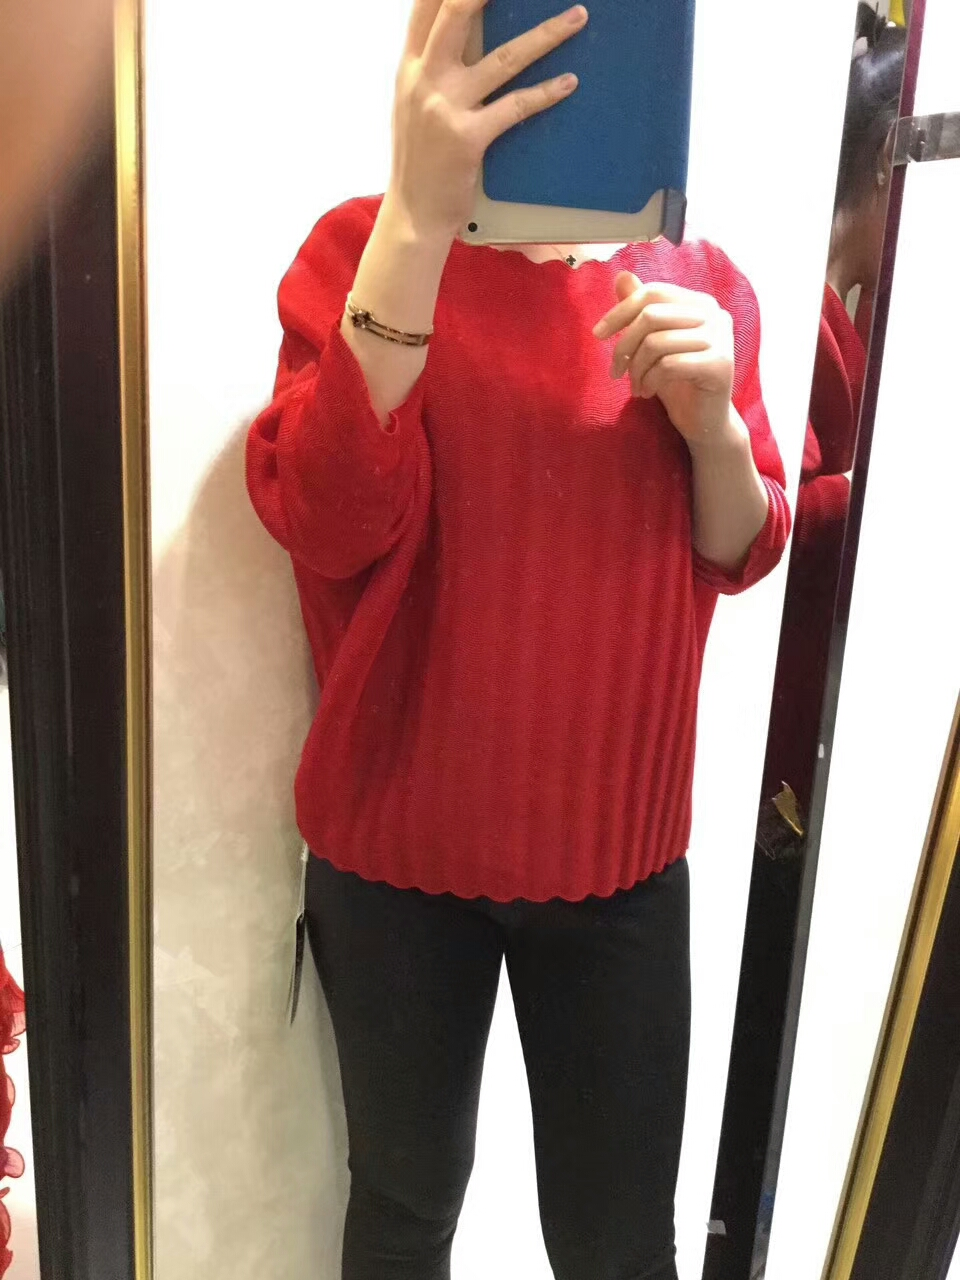 cou pourpre Mode D'o Gratuite Trois En bleu Pur Noir marron Bleu Quarts À Type Stock Livraison Joker marine rose Couleur fuchsia rouge La De T Fois shirt Ox7wAdtBq